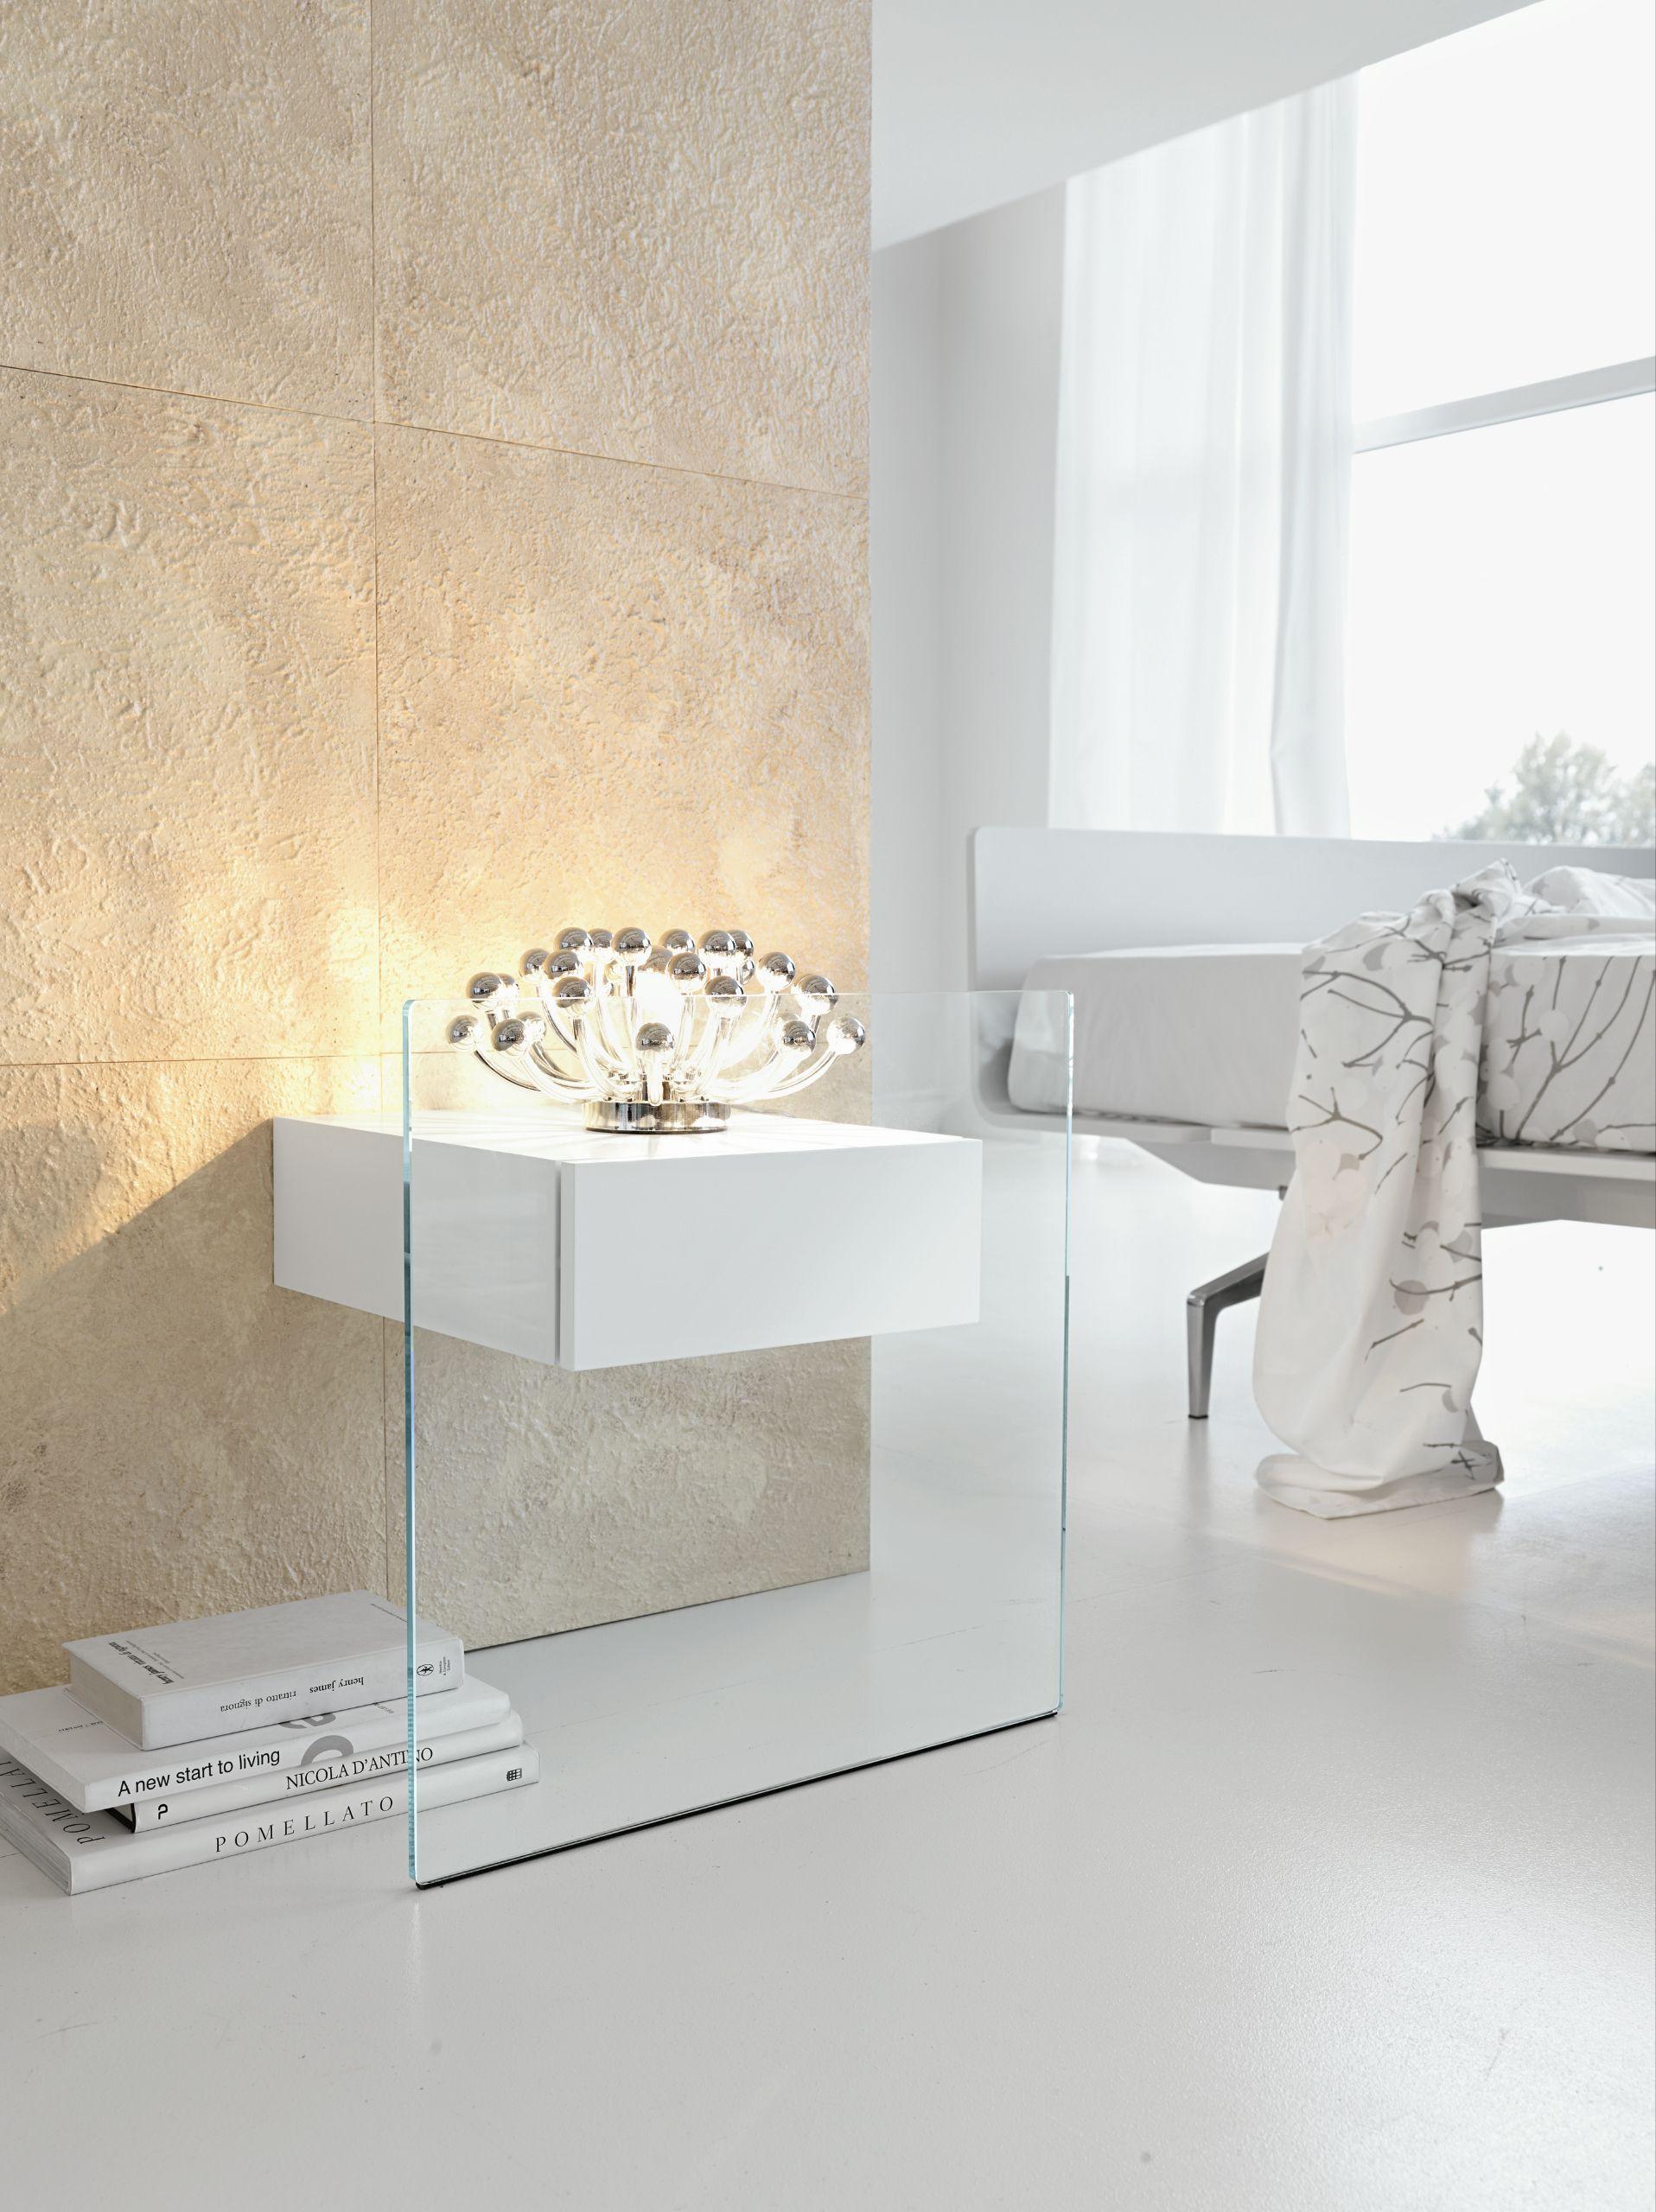 Table de nuit en verre do mo by t d tonelli design design - Table de nuit en verre ...